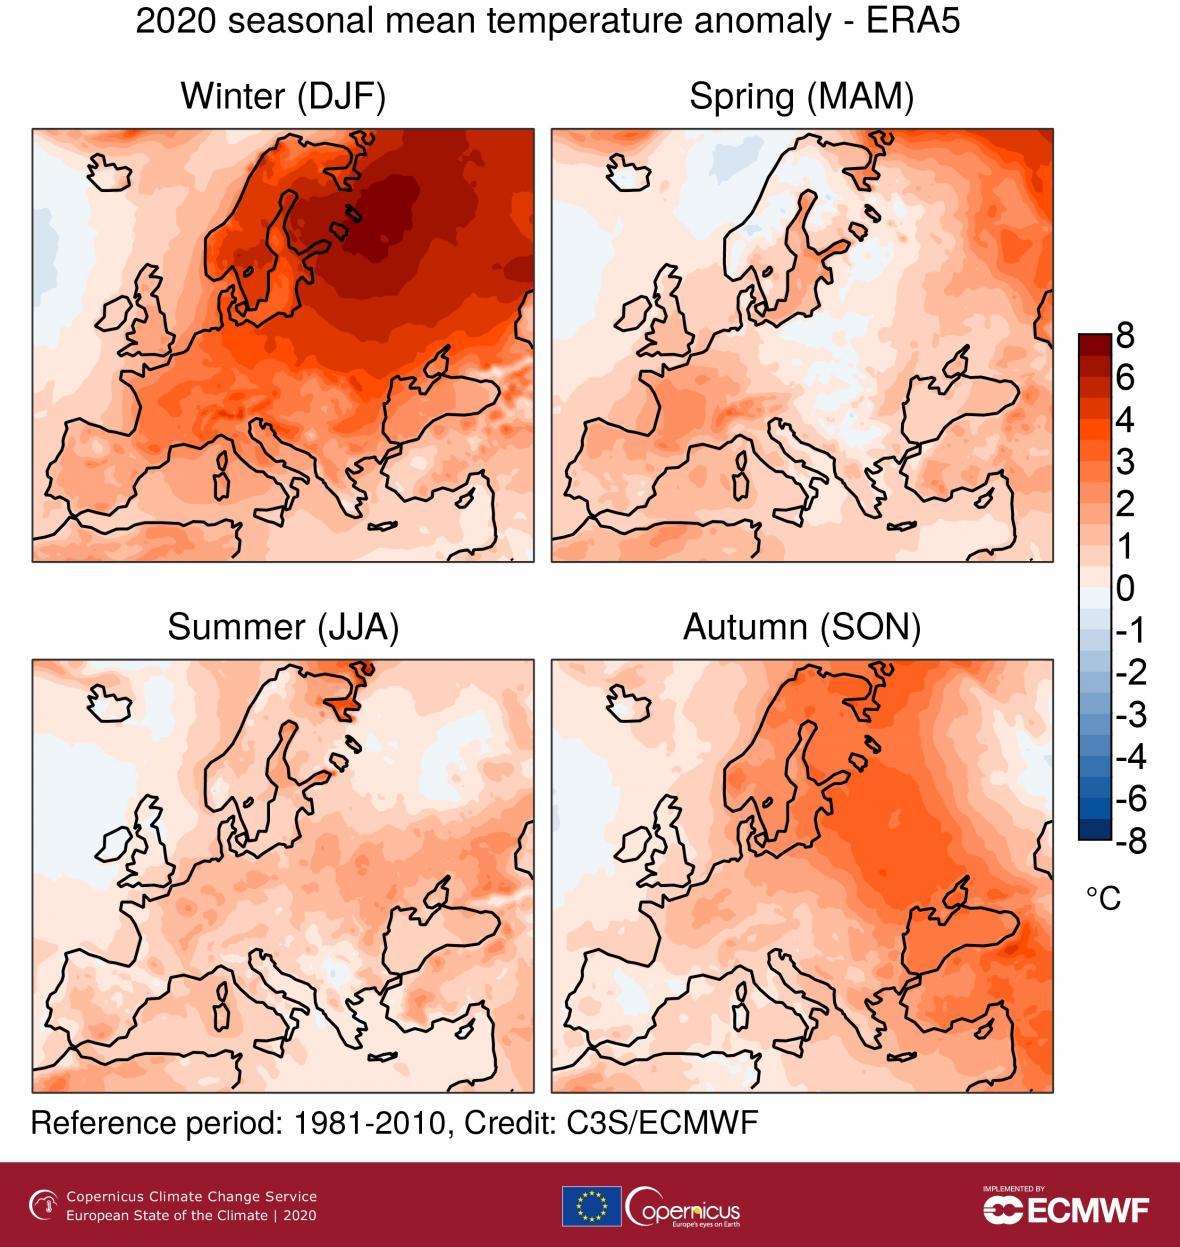 Odchylky teplot povrchového vzduchu pro zimu, jaro, léto a podzim 2020 ve vztahu k příslušnému sezónnímu průměru zlet 1981–2010